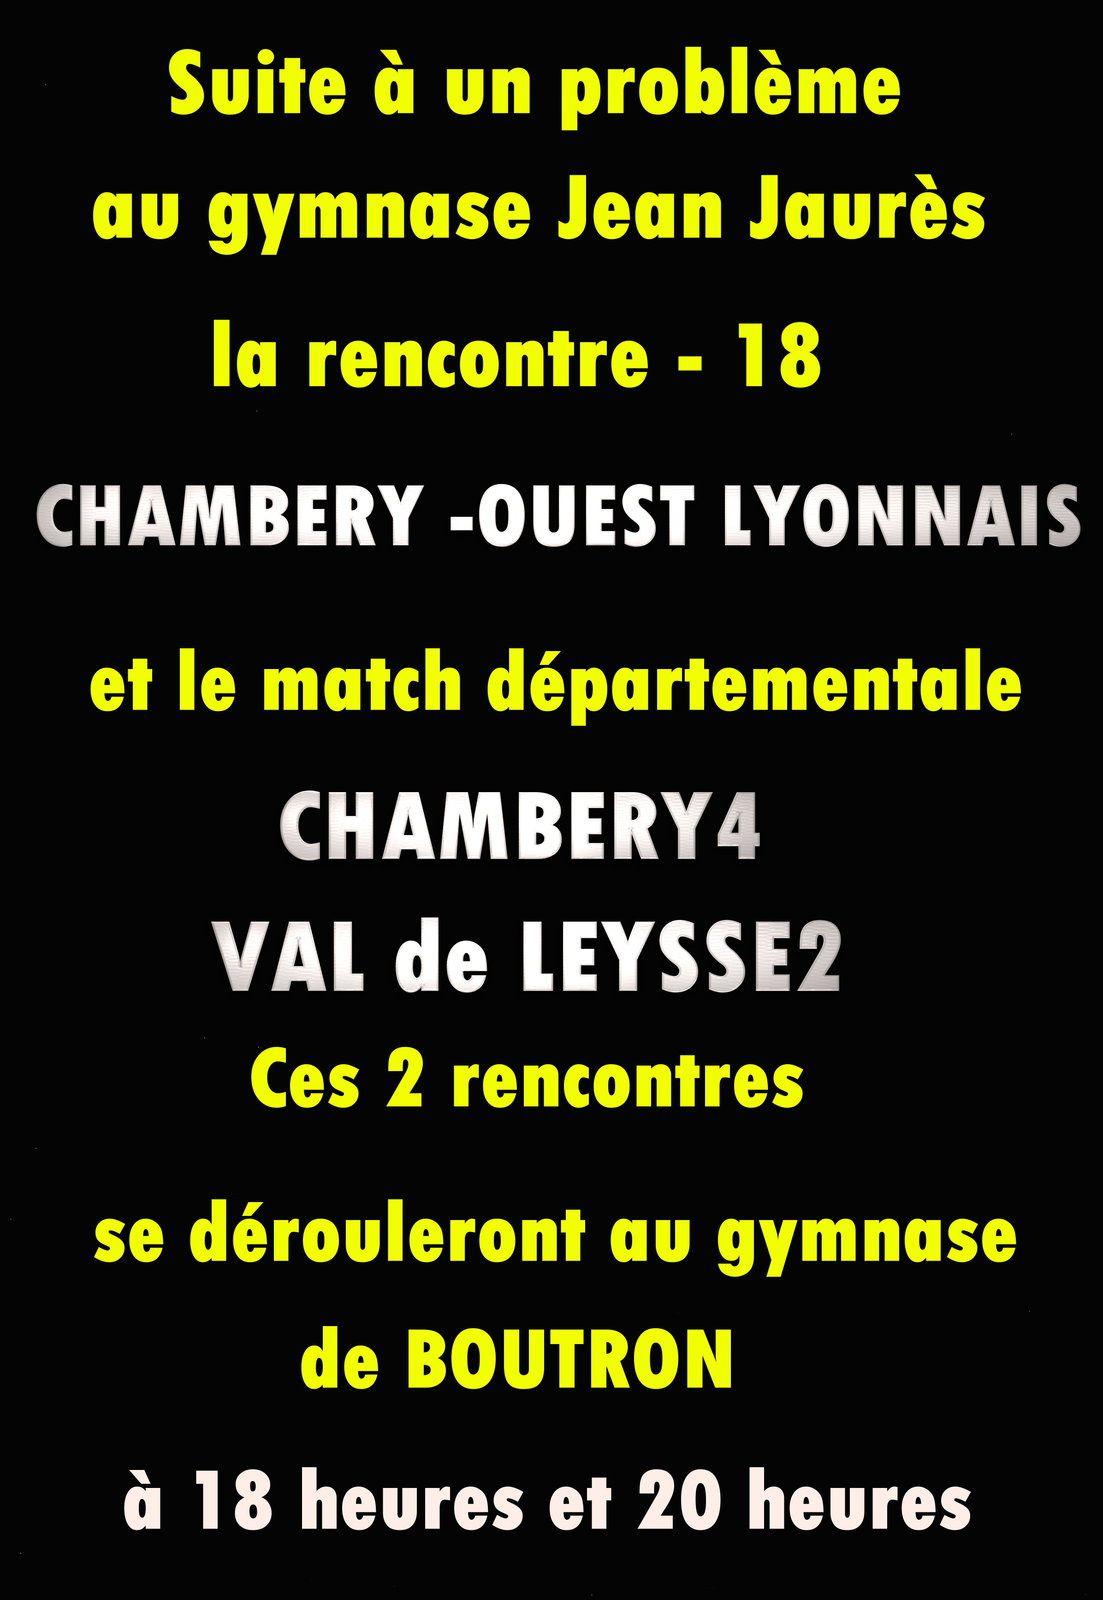 Suite à un problème le gymnase Jean Jaures ne seras pas utilisable le samedi 22 octobre